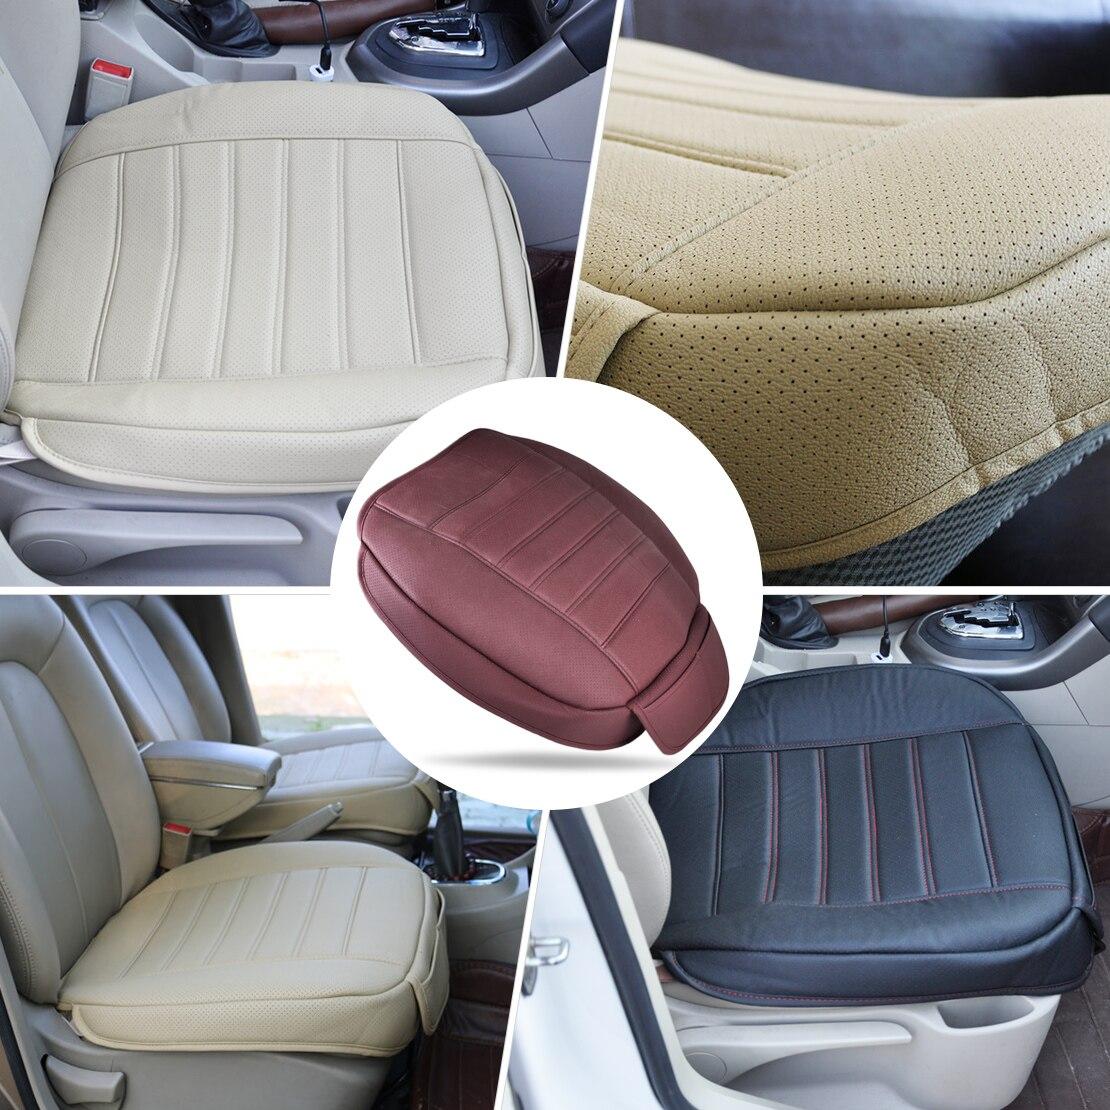 Kia Sorento Car Seat Covers Australia